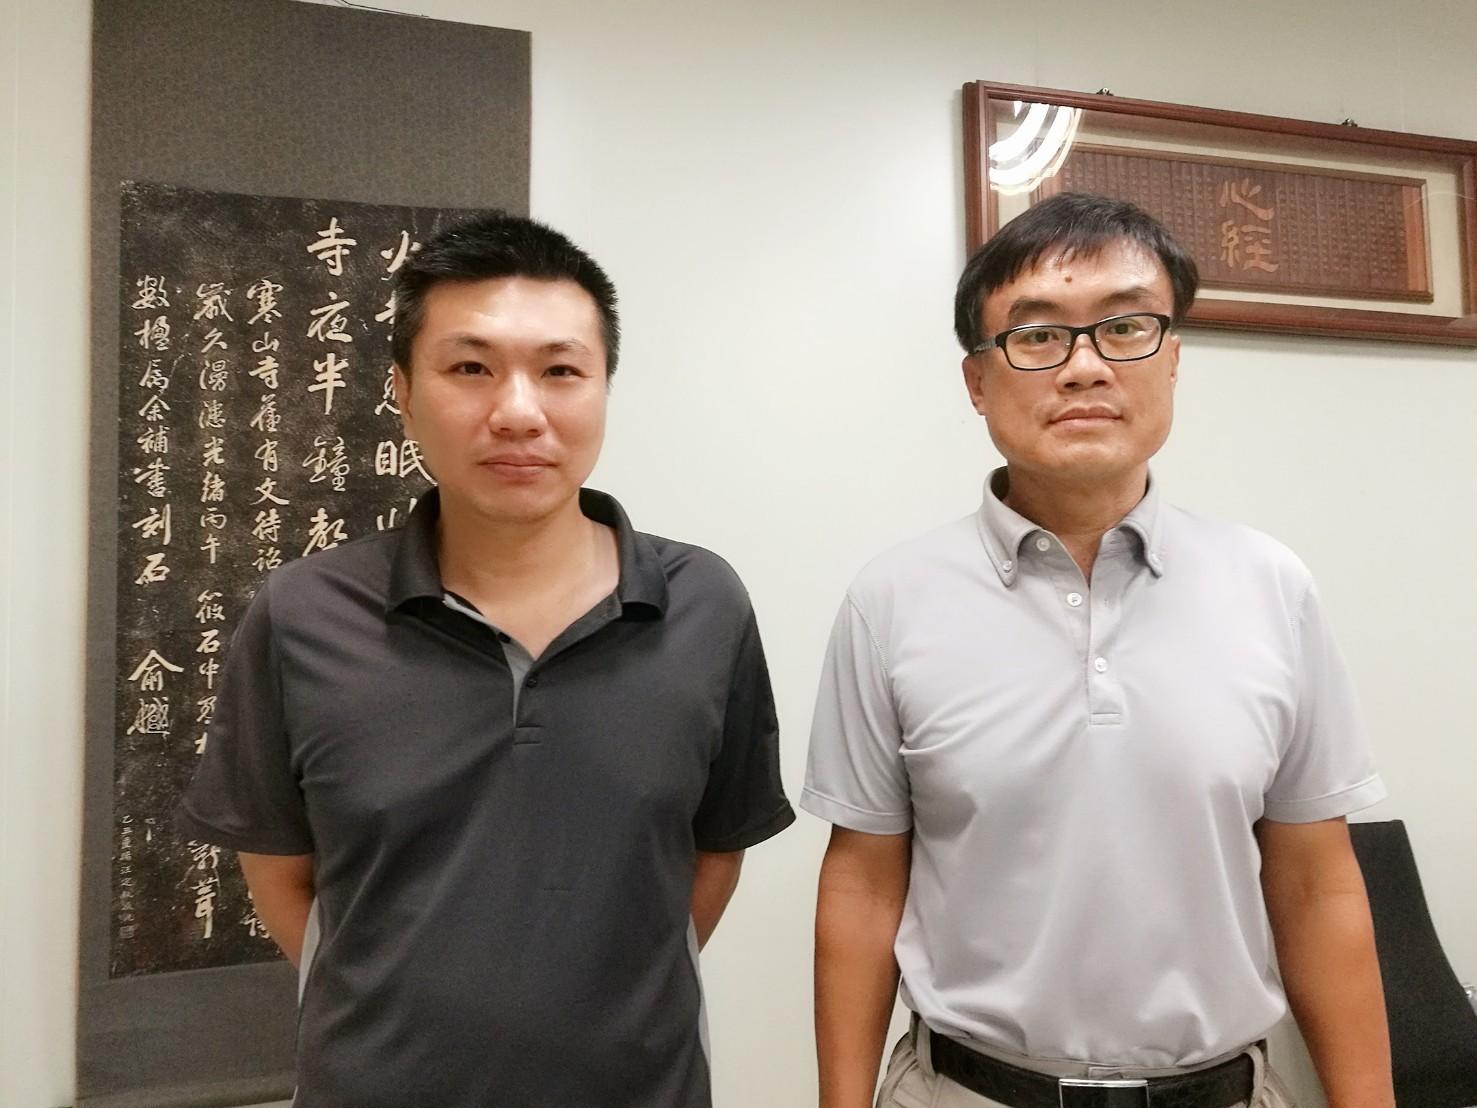 總經理-陳文復先生(右)及研發主管-賴盈憲先生(左)